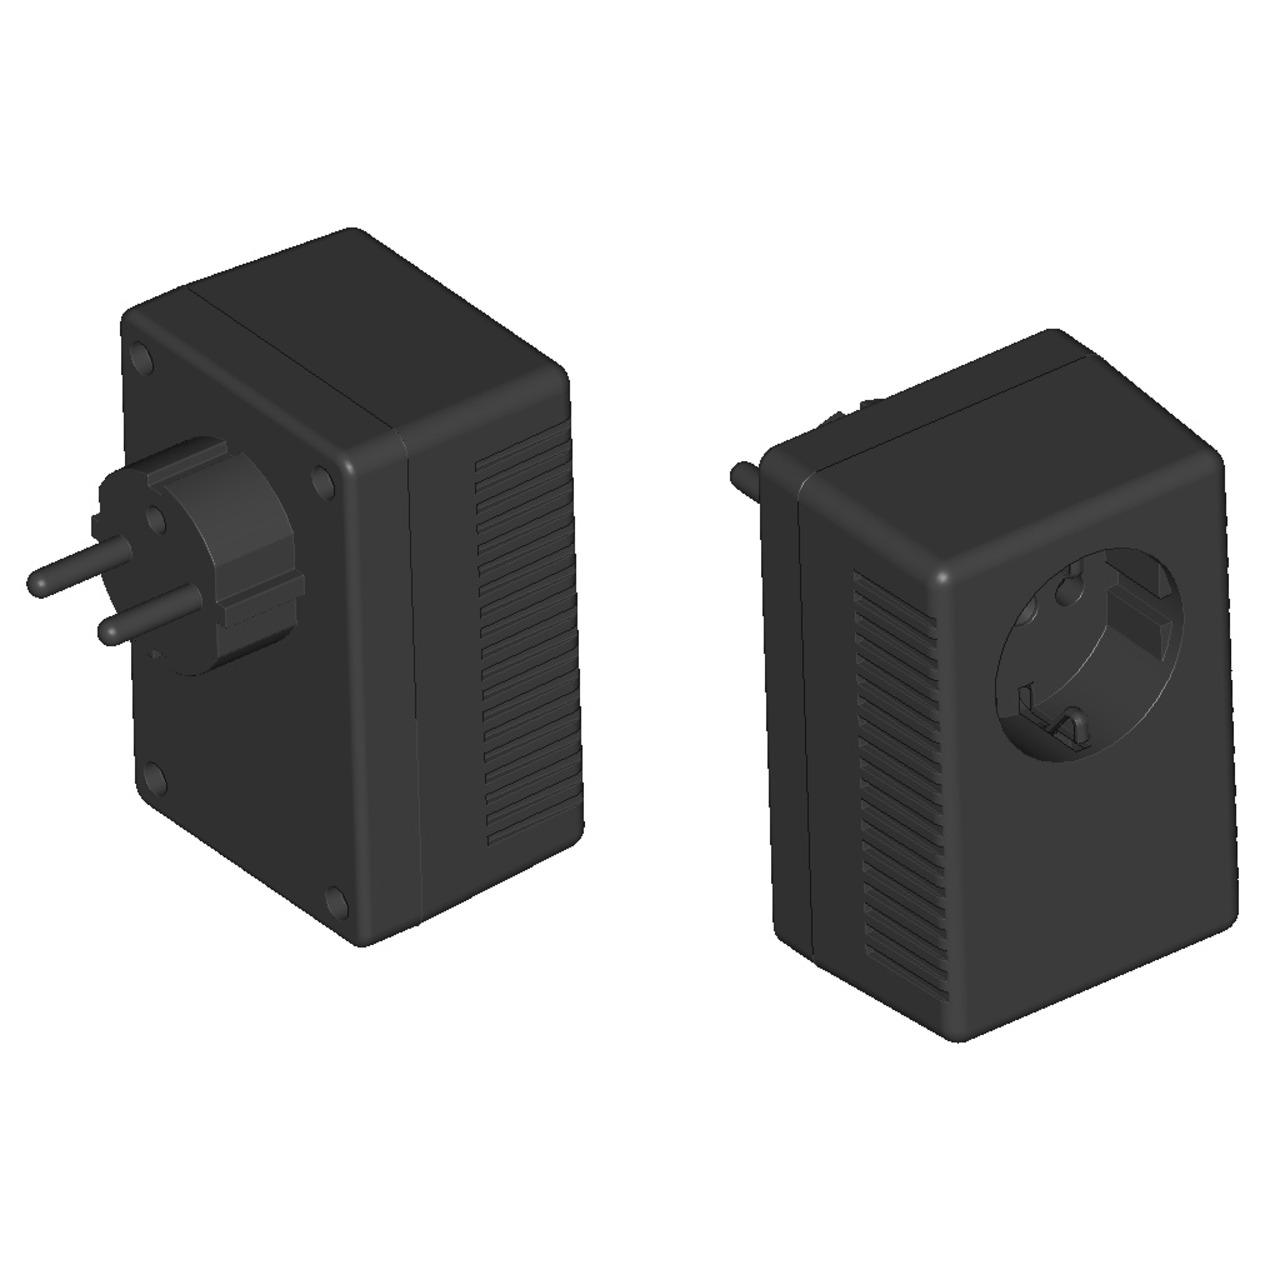 Strapubox Stecker-Gehäuse SG 922 ABS 95-5 x 63 x 53 mm- schwarz